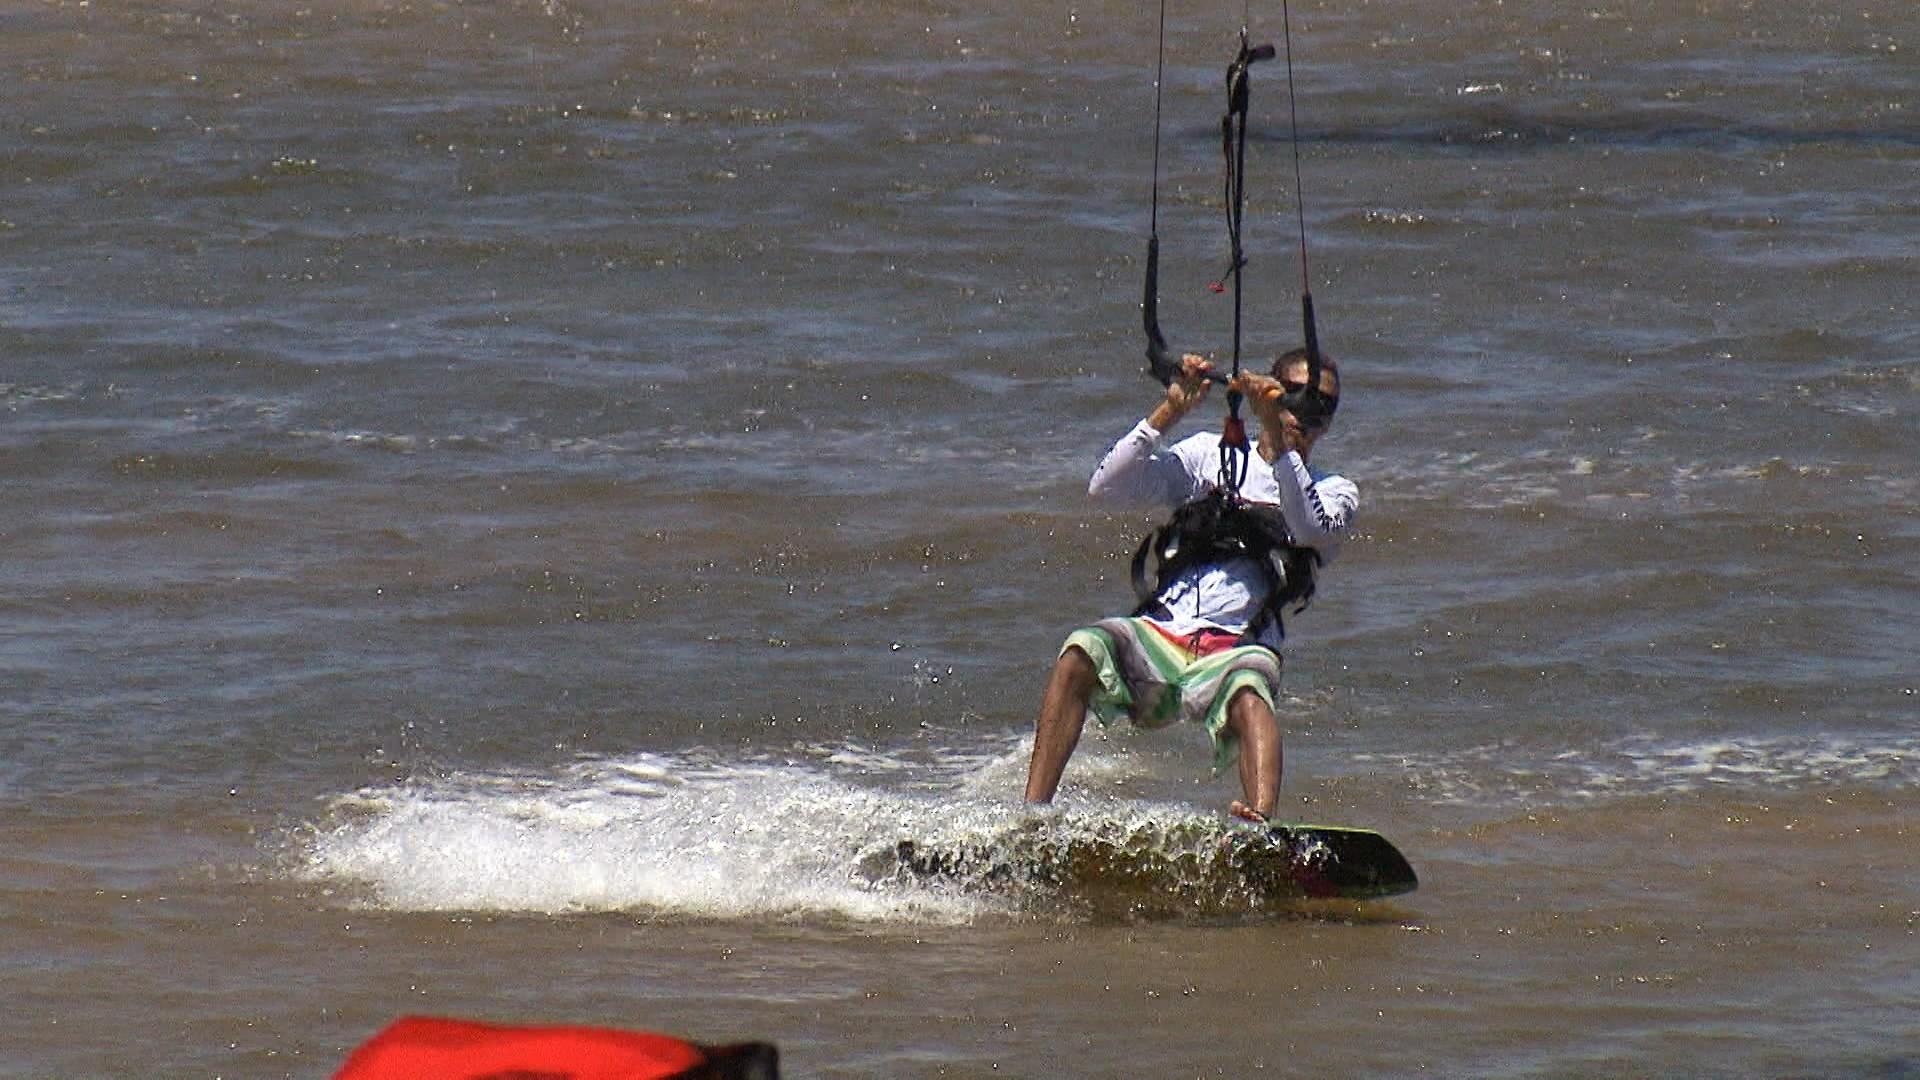 Praticantes de kitesurf mostram como funciona o esporte (Foto: Divulgação)